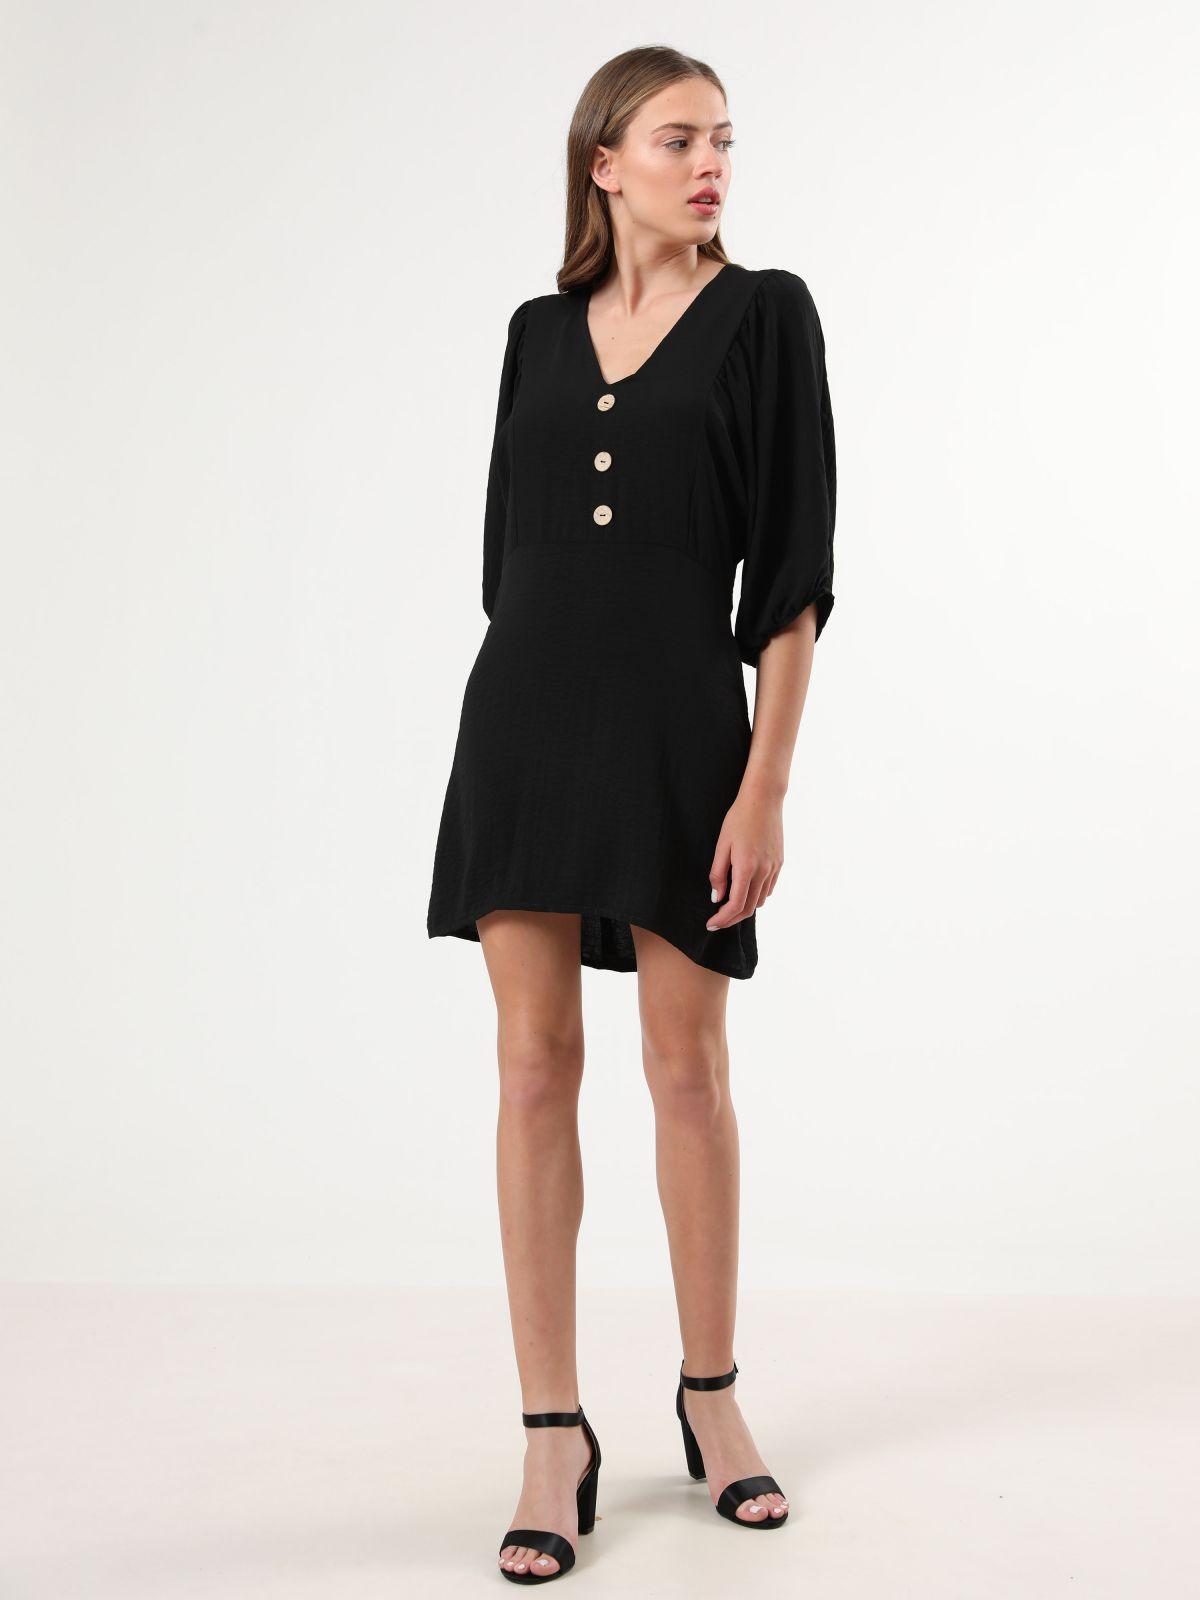 שמלת מיני עם שרוולי 3/4 נפוחיםשמלת מיני עם שרוולי 3/4 נפוחים של YANGA